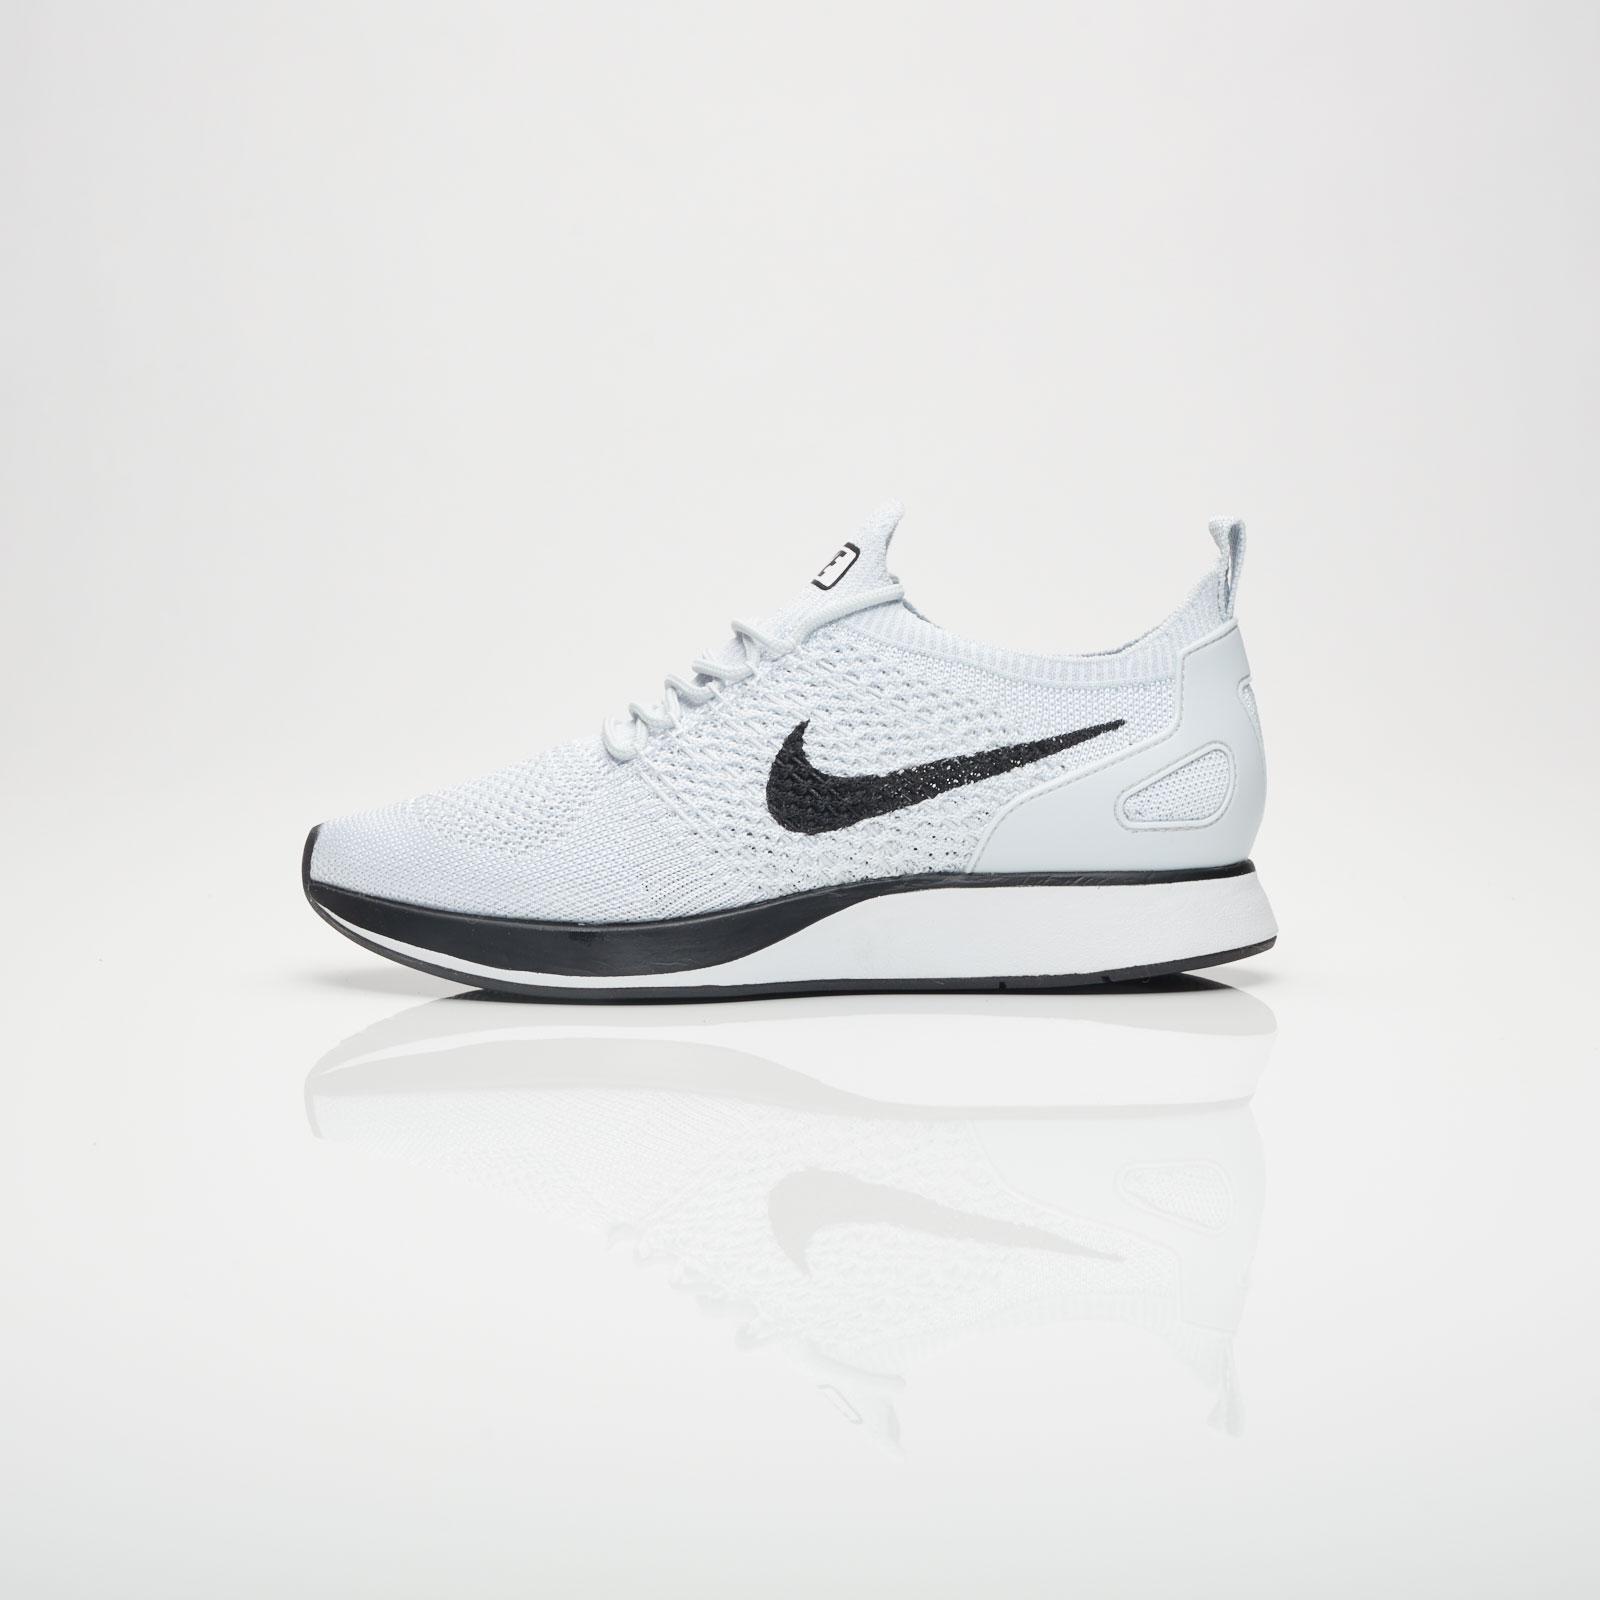 f5b3ea606750 Nike Wmns Air Zoom Mariah Flyknit Racer Premium - 917658-001 -  Sneakersnstuff